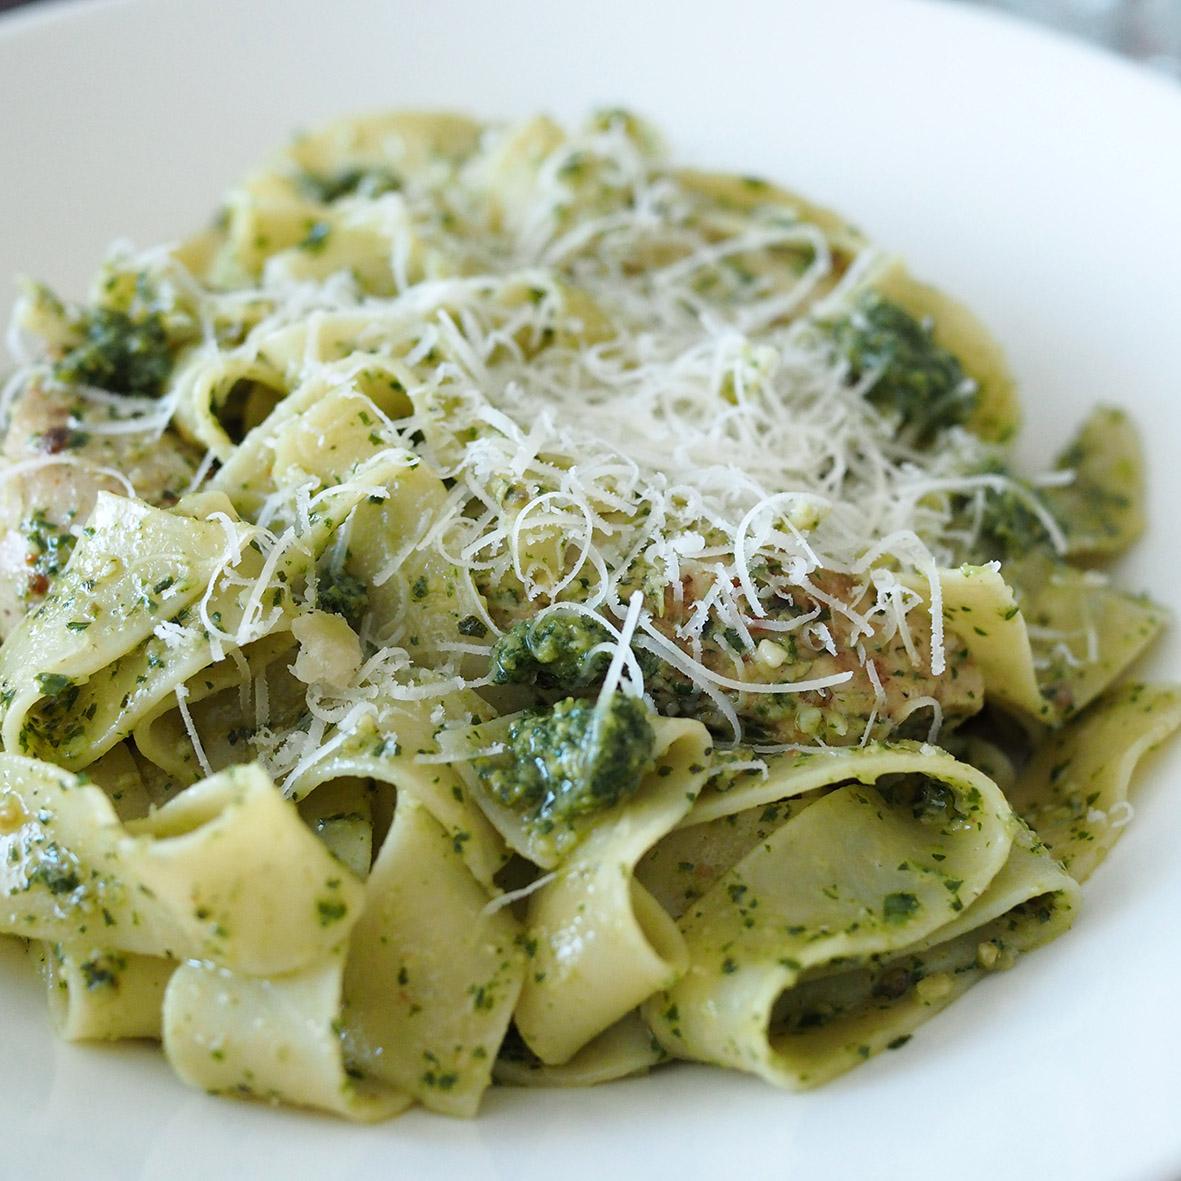 Italialainen ruoka syntyy ensiluokkaisista raaka-aineista